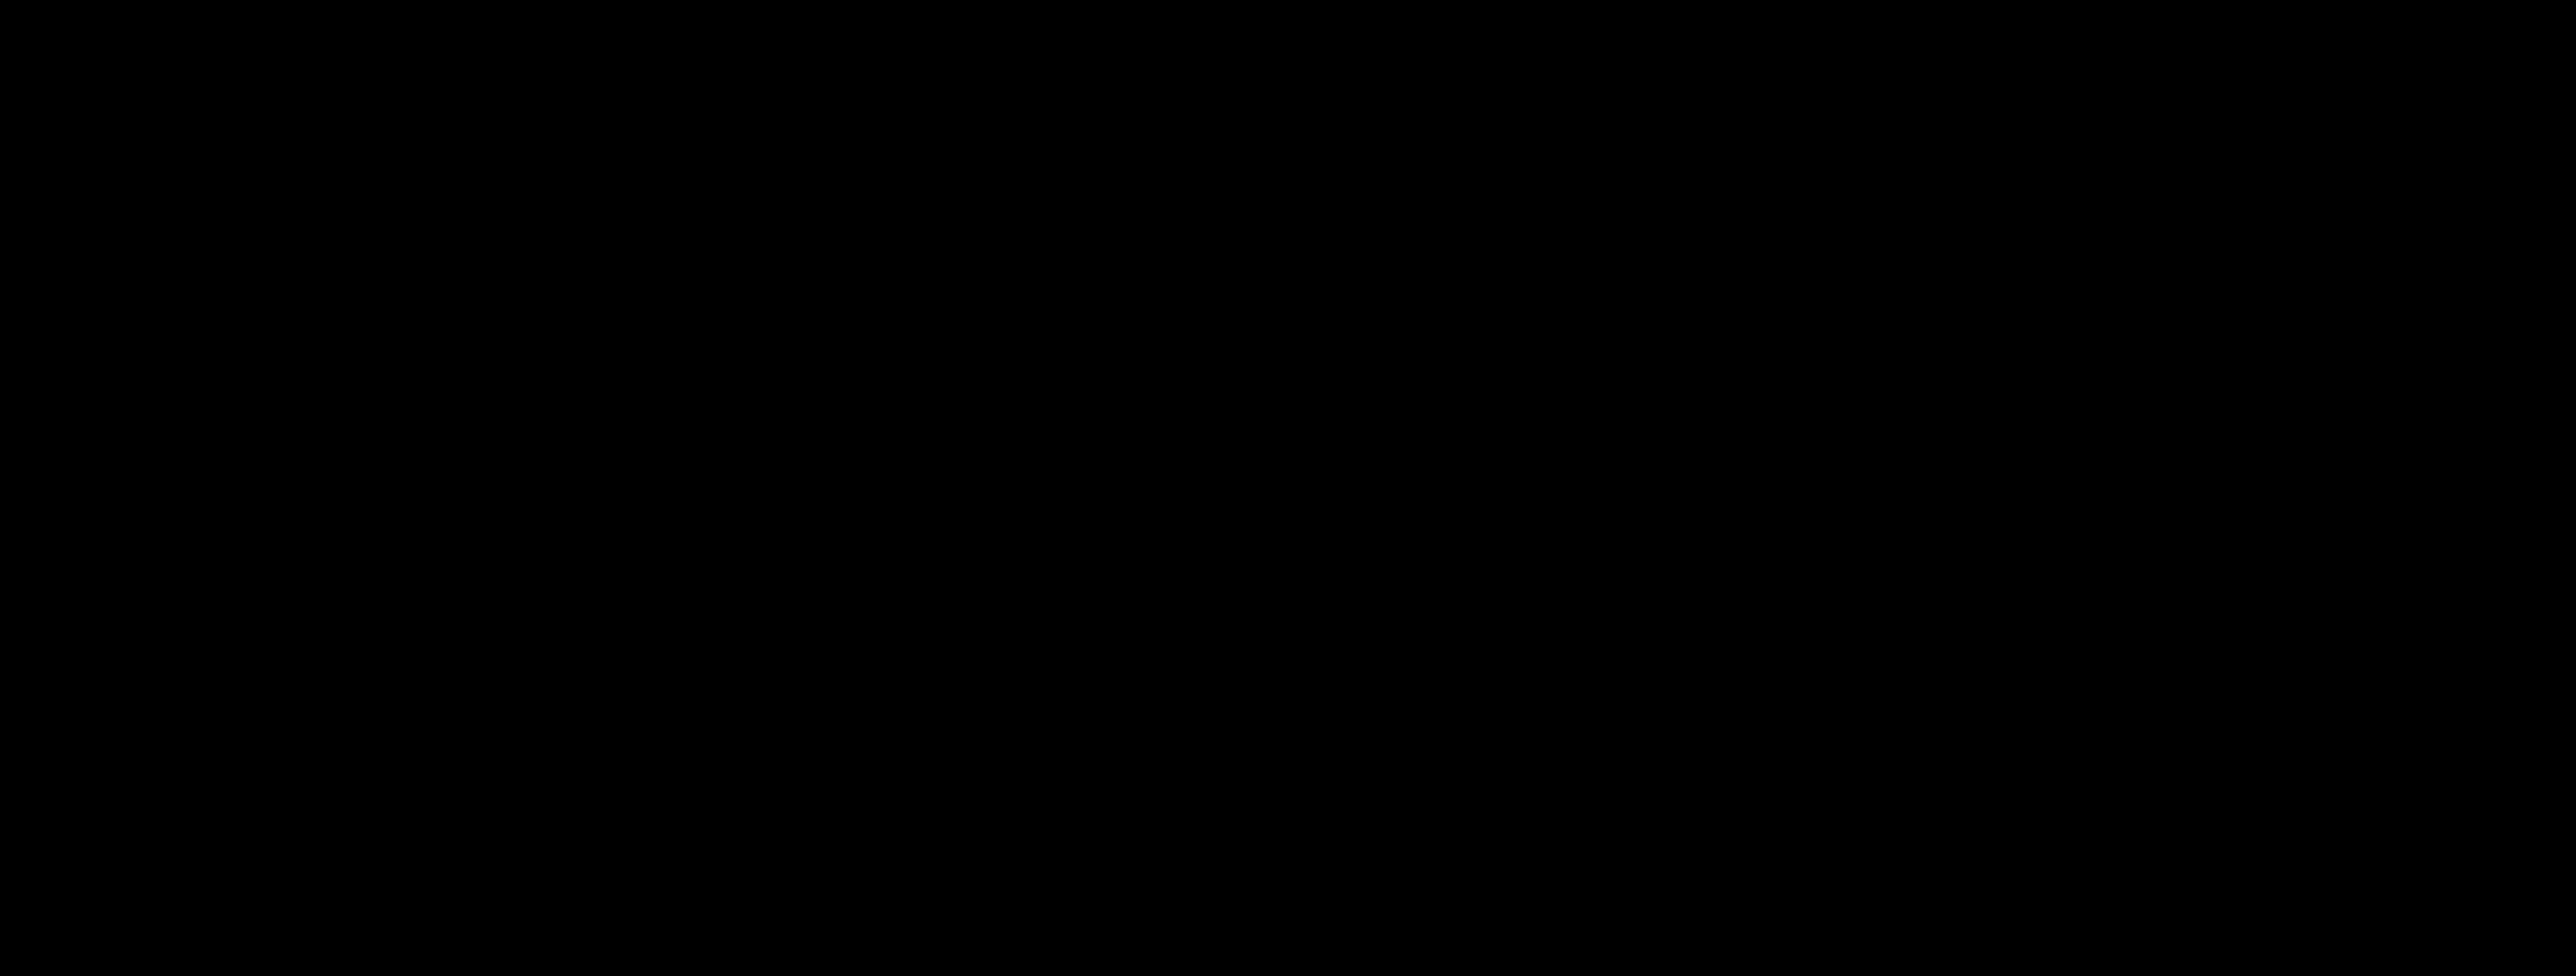 Addp-Logo-black